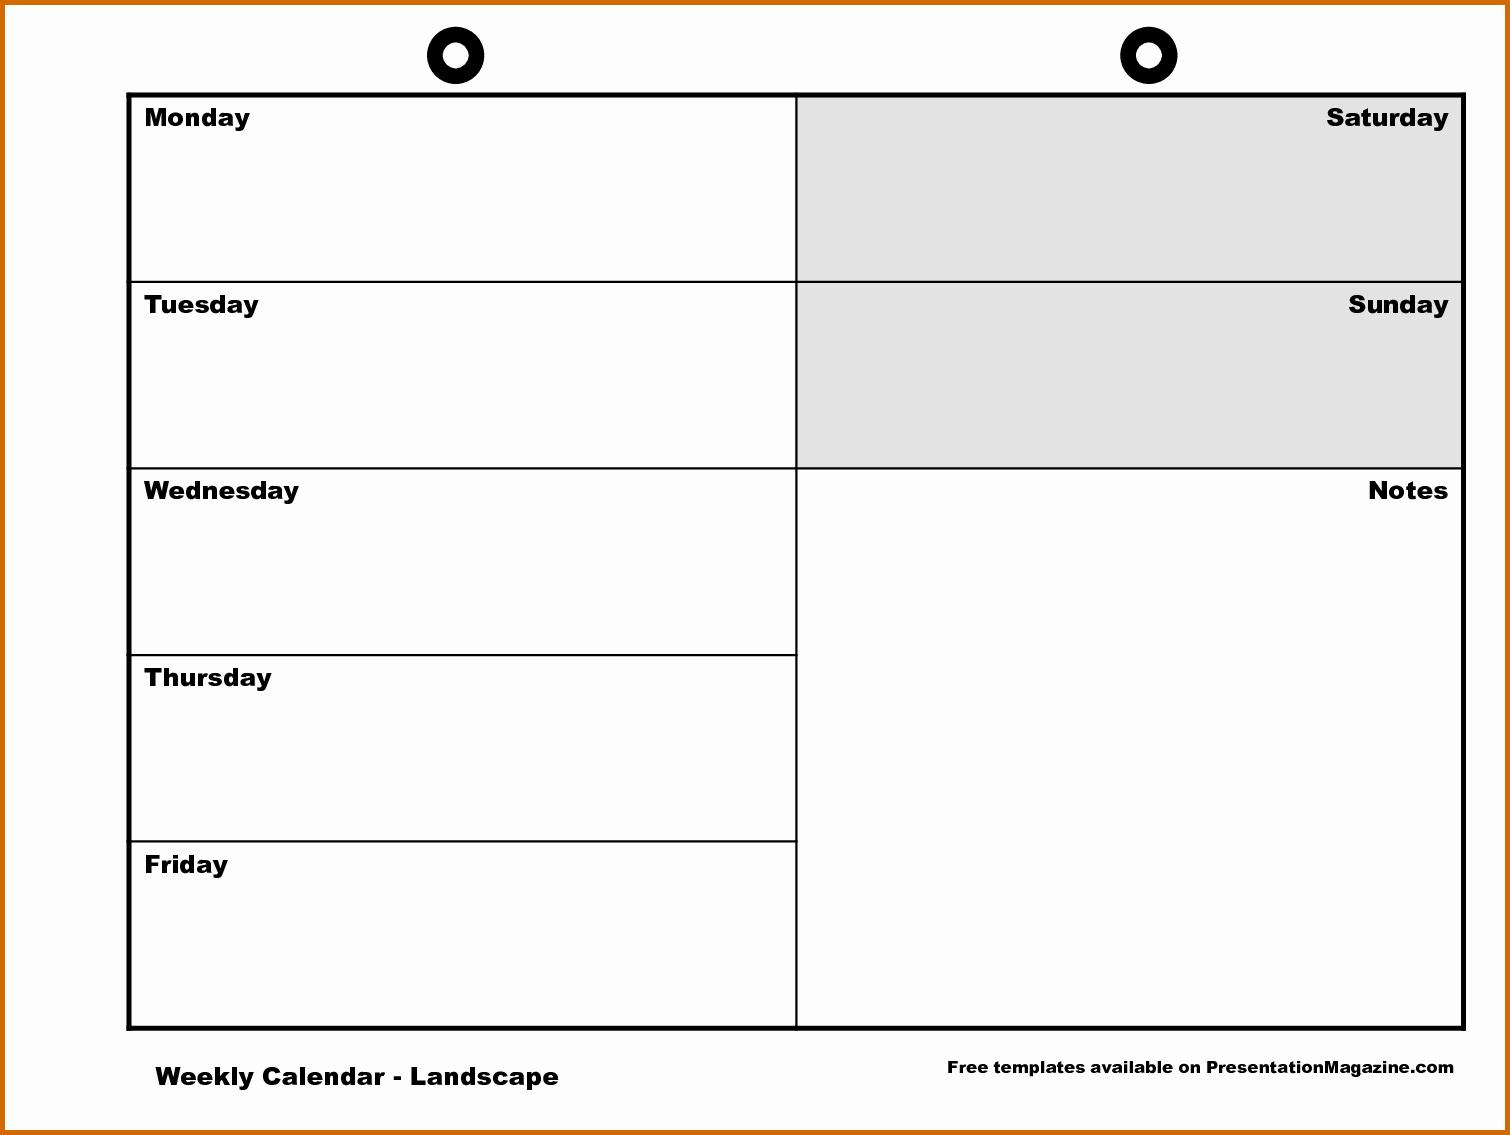 11 Monday Through Friday Printable Calendar